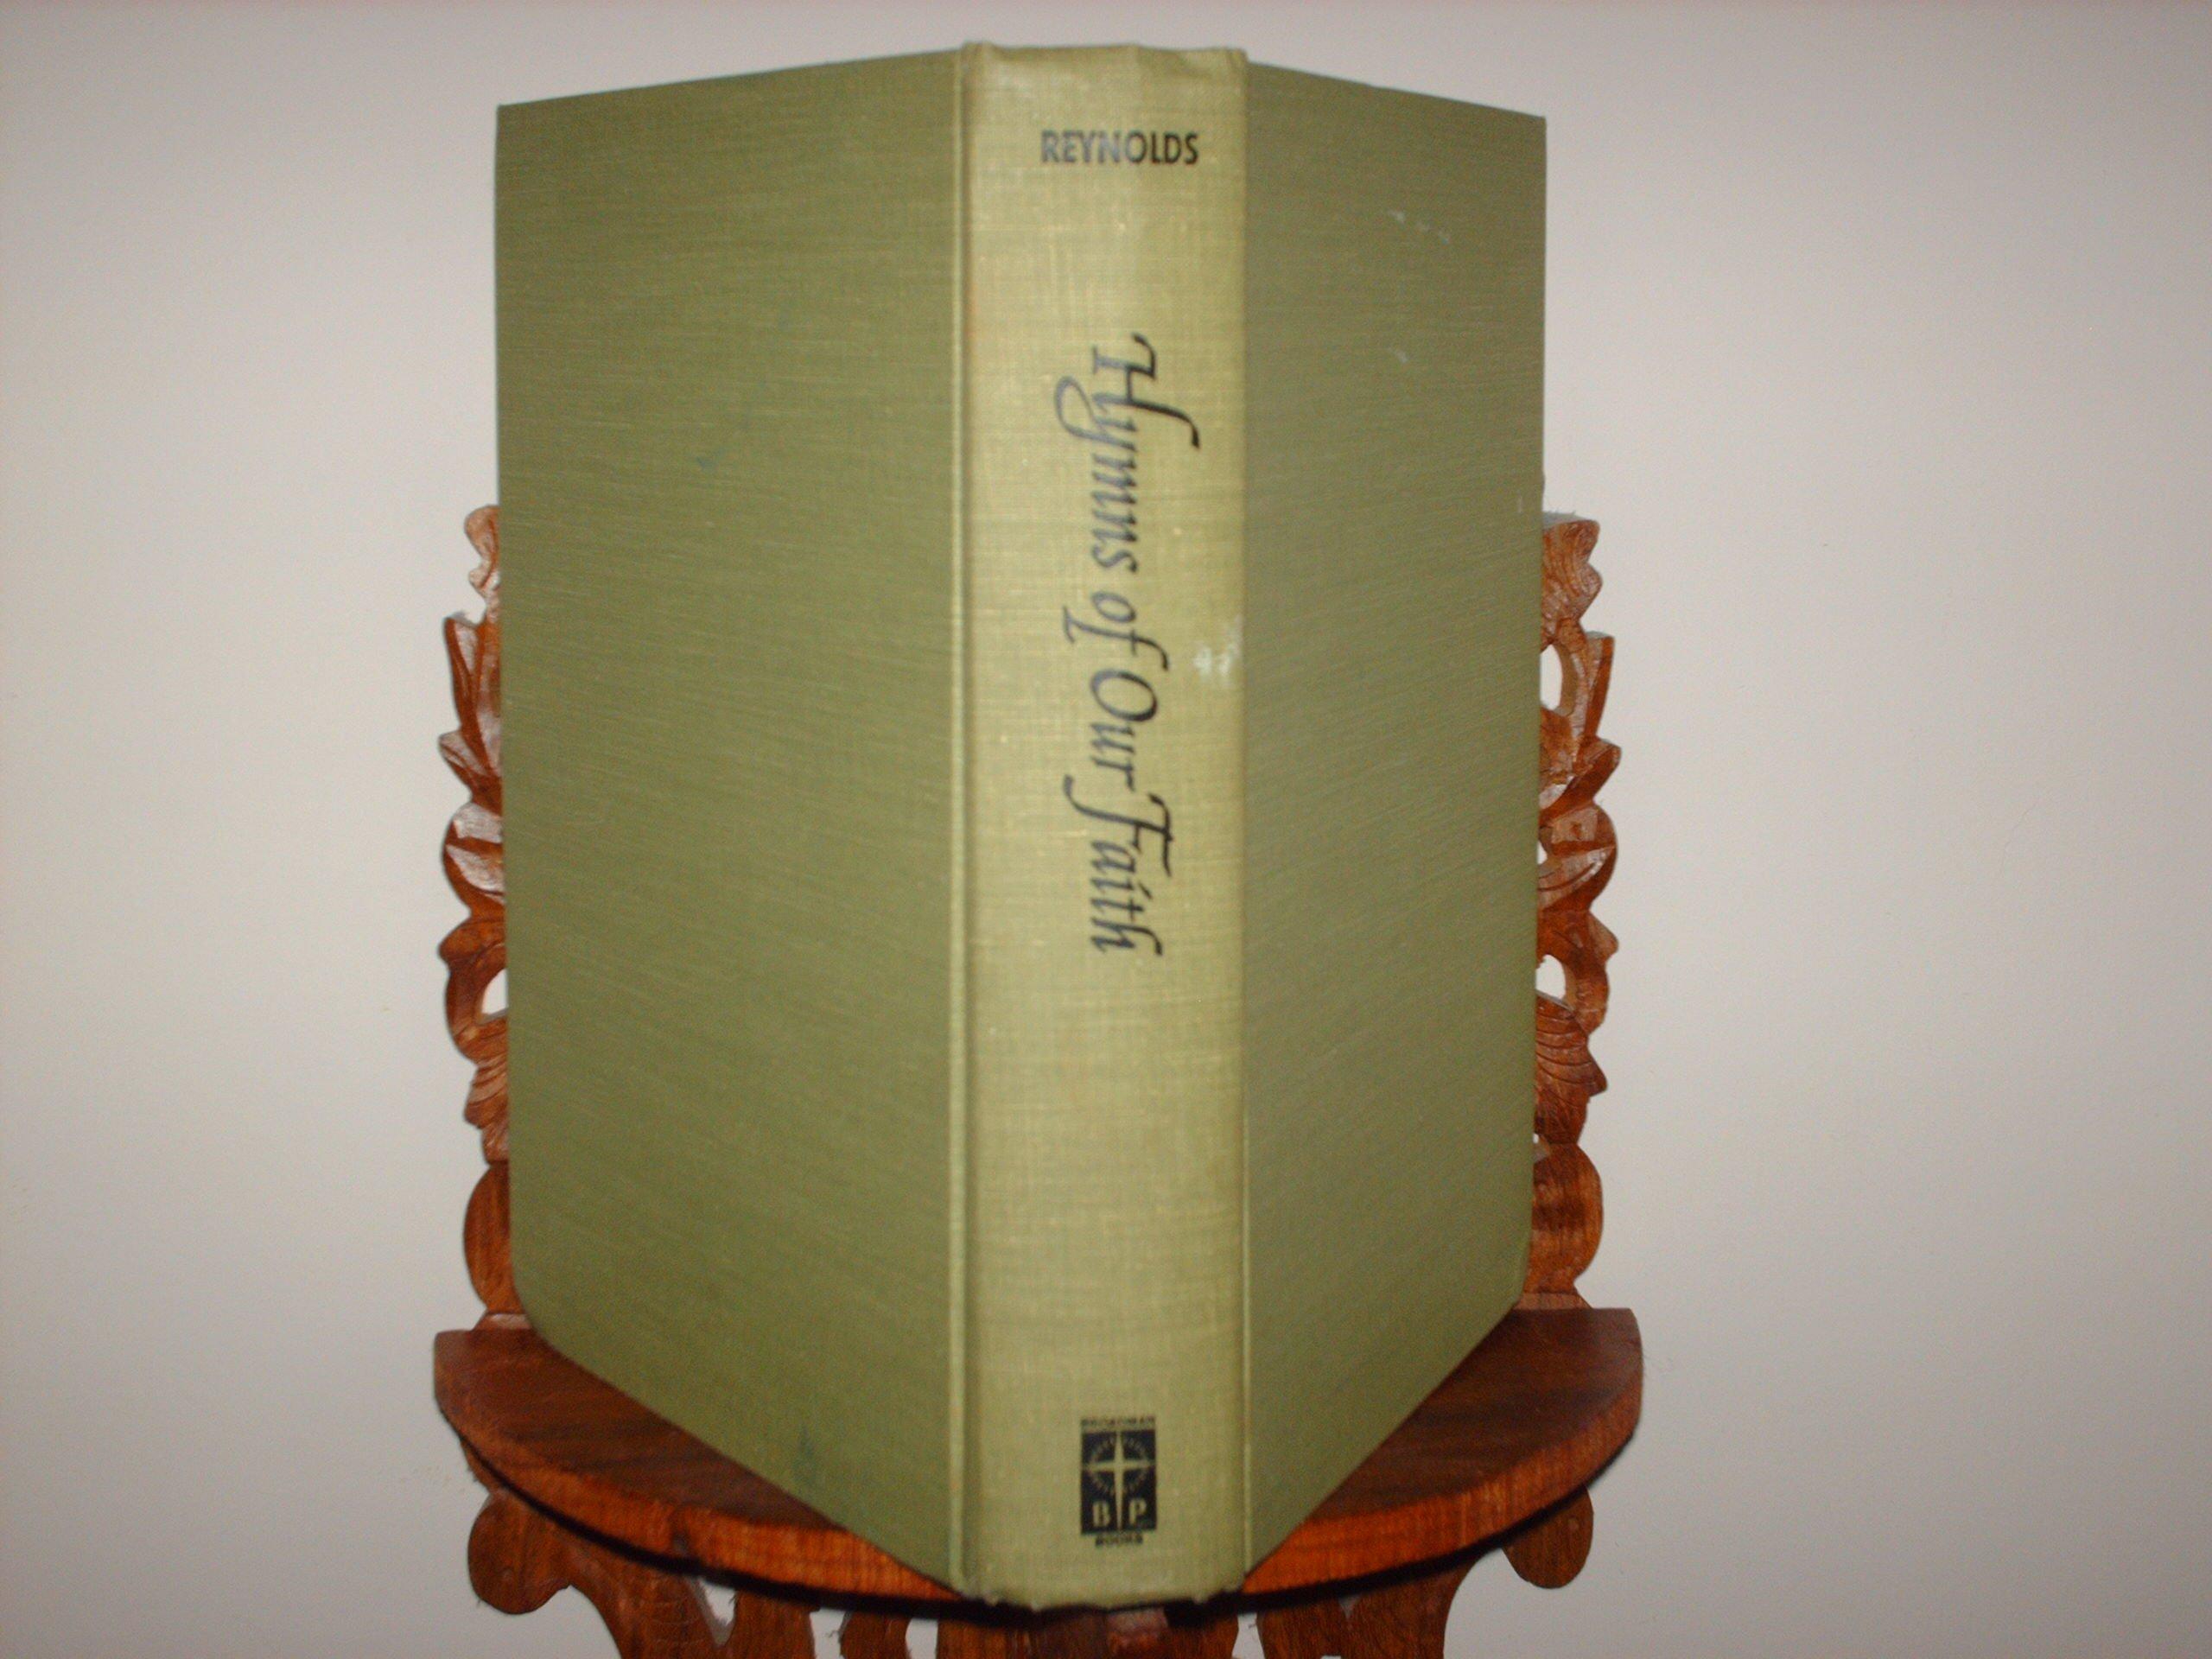 Hymns of Our Faith: A Handbook for the Baptist Hymnal